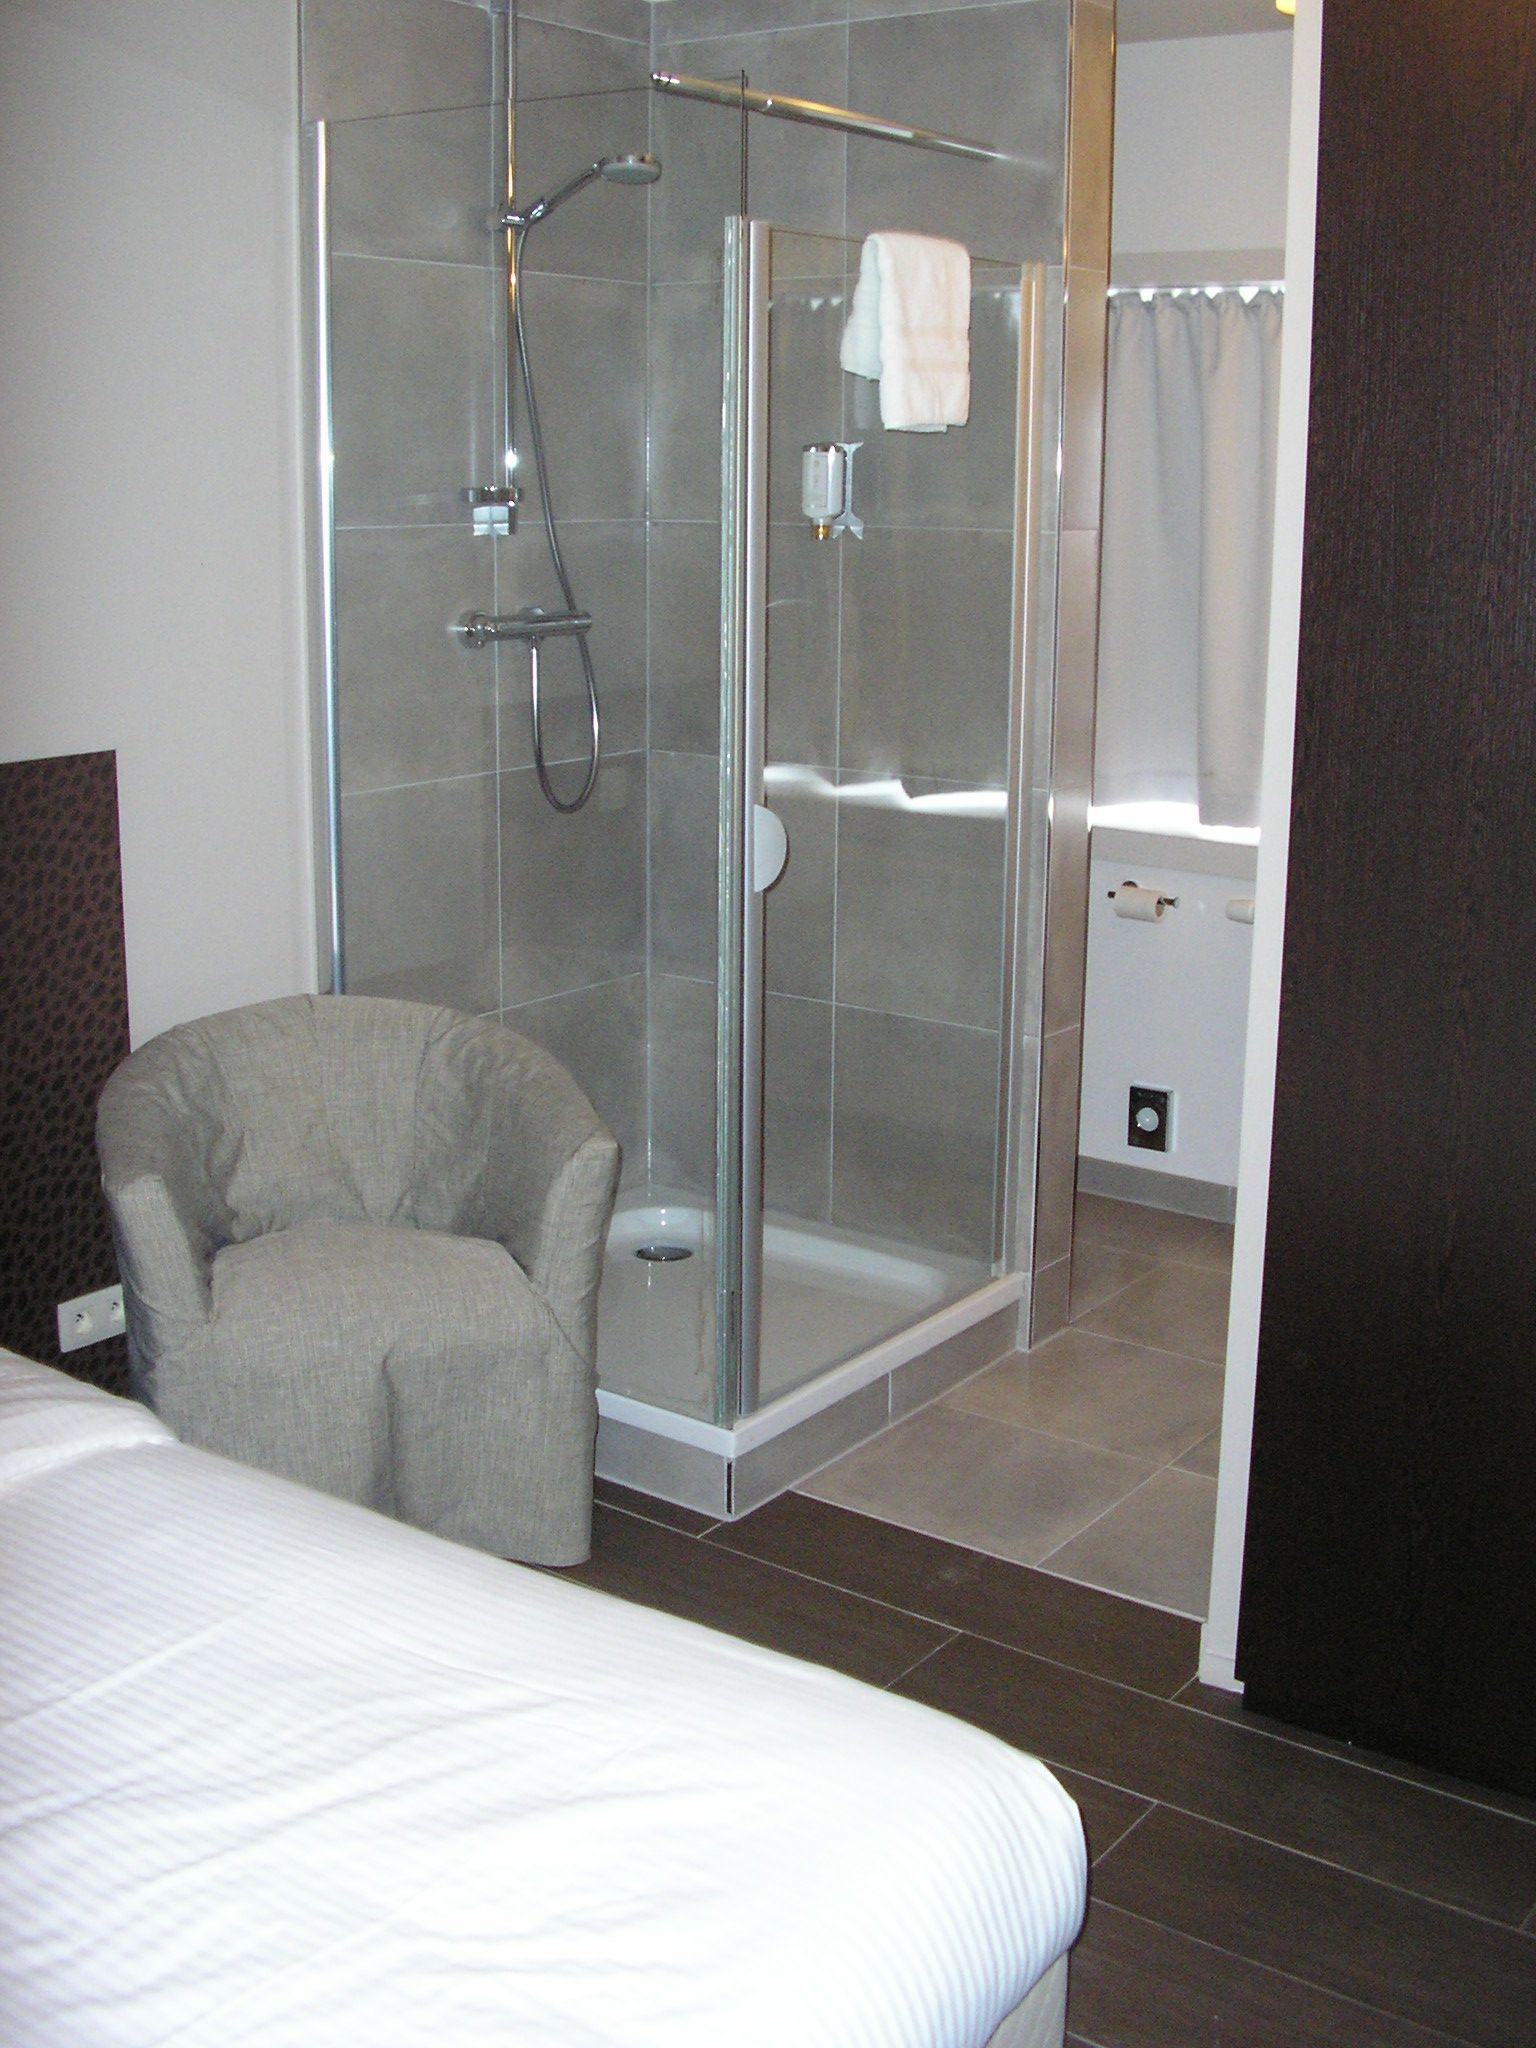 inrichting hotelkamer met vloer en wandtegels